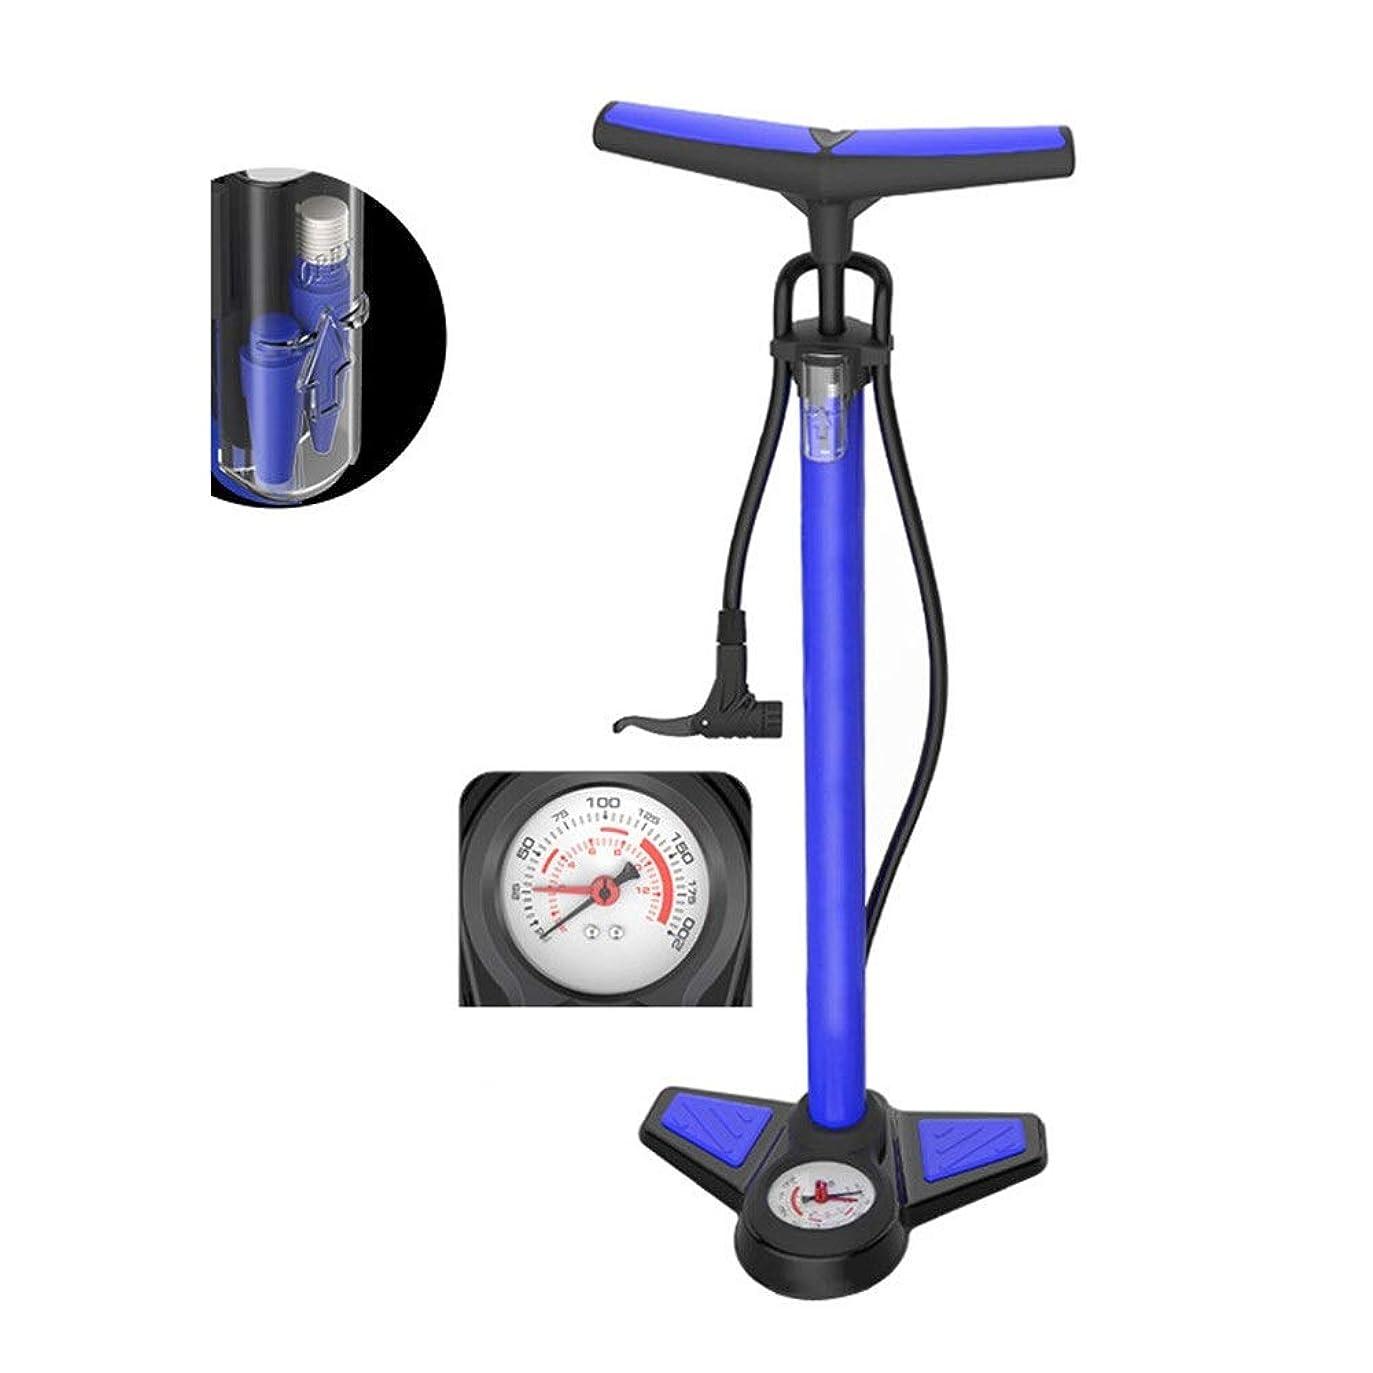 無数のまたはどちらかアーサー自転車 空気入れ 自転車ポンプ 空気圧計が付いている高圧床の永続的なバイクポンプ周期の自転車のタイヤ手ポンプゲージが付いている床ドライブ (色 : 青, サイズ : 65cm)